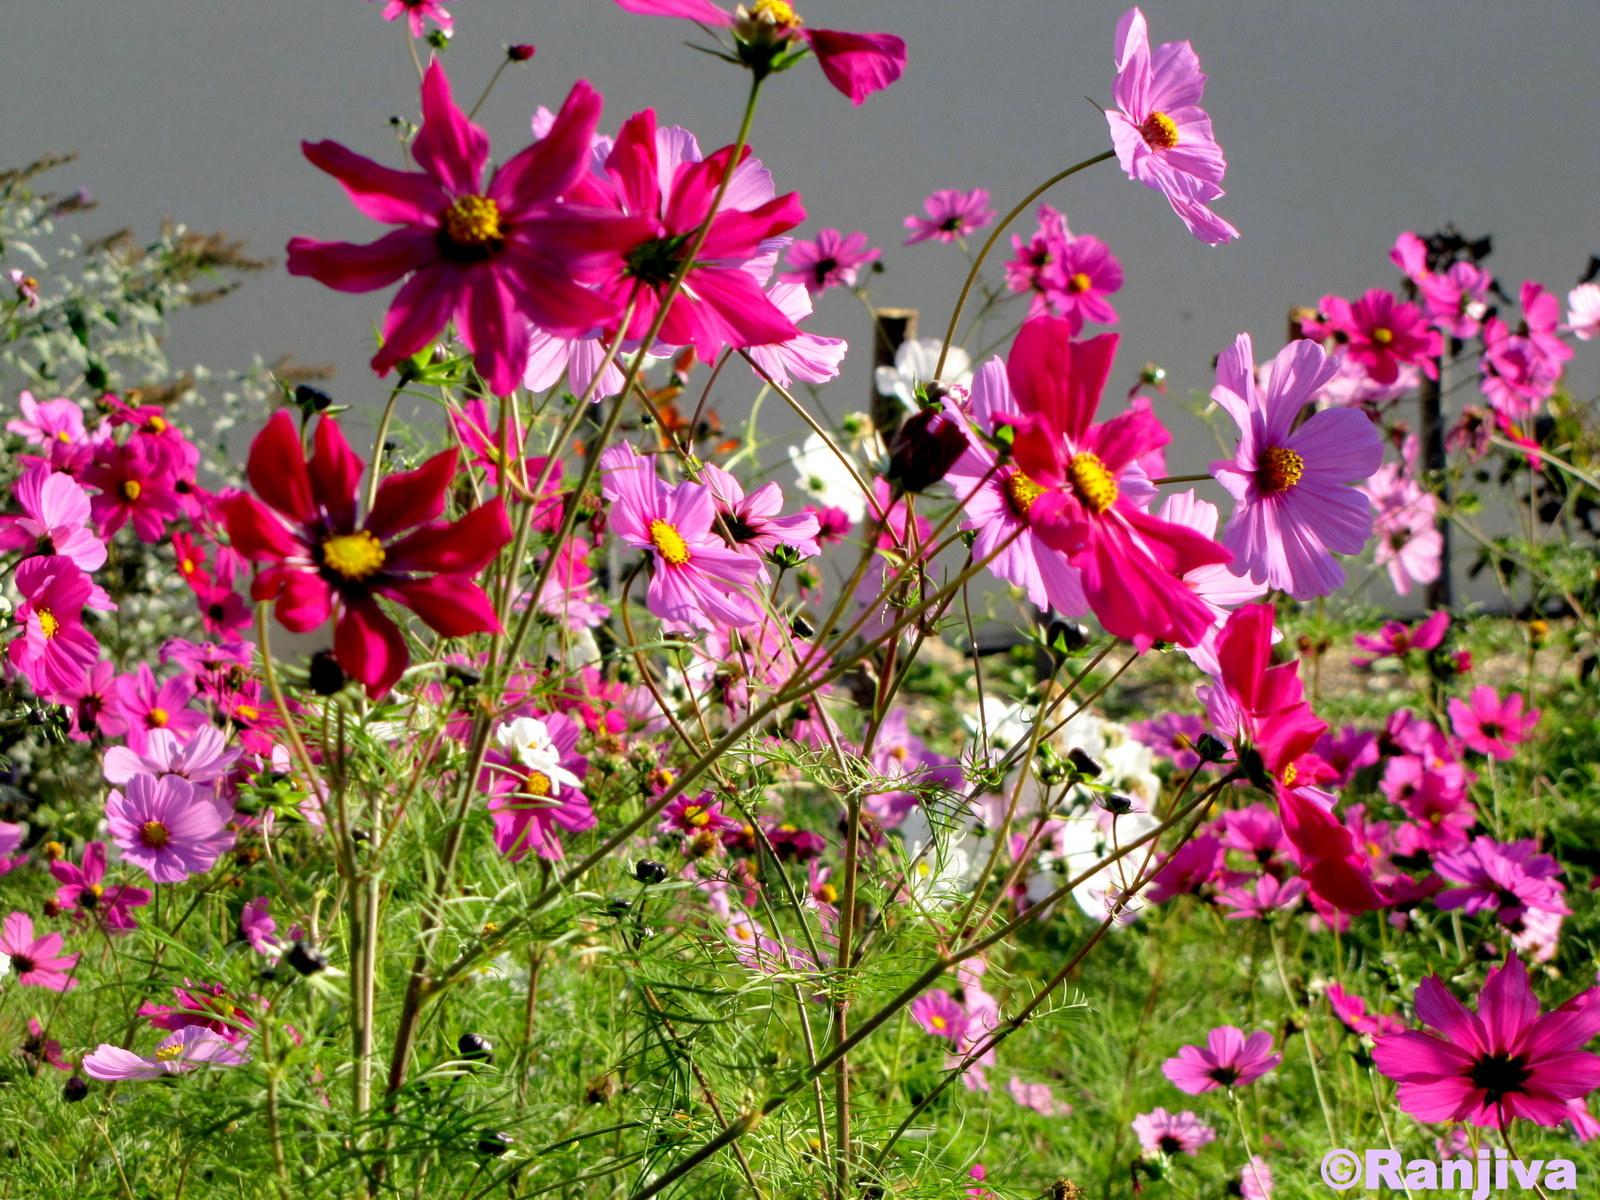 Des fleurs champ tres et le printemps paysages et fleurs au fil de l 39 eau - Initiatives fleurs et nature ...